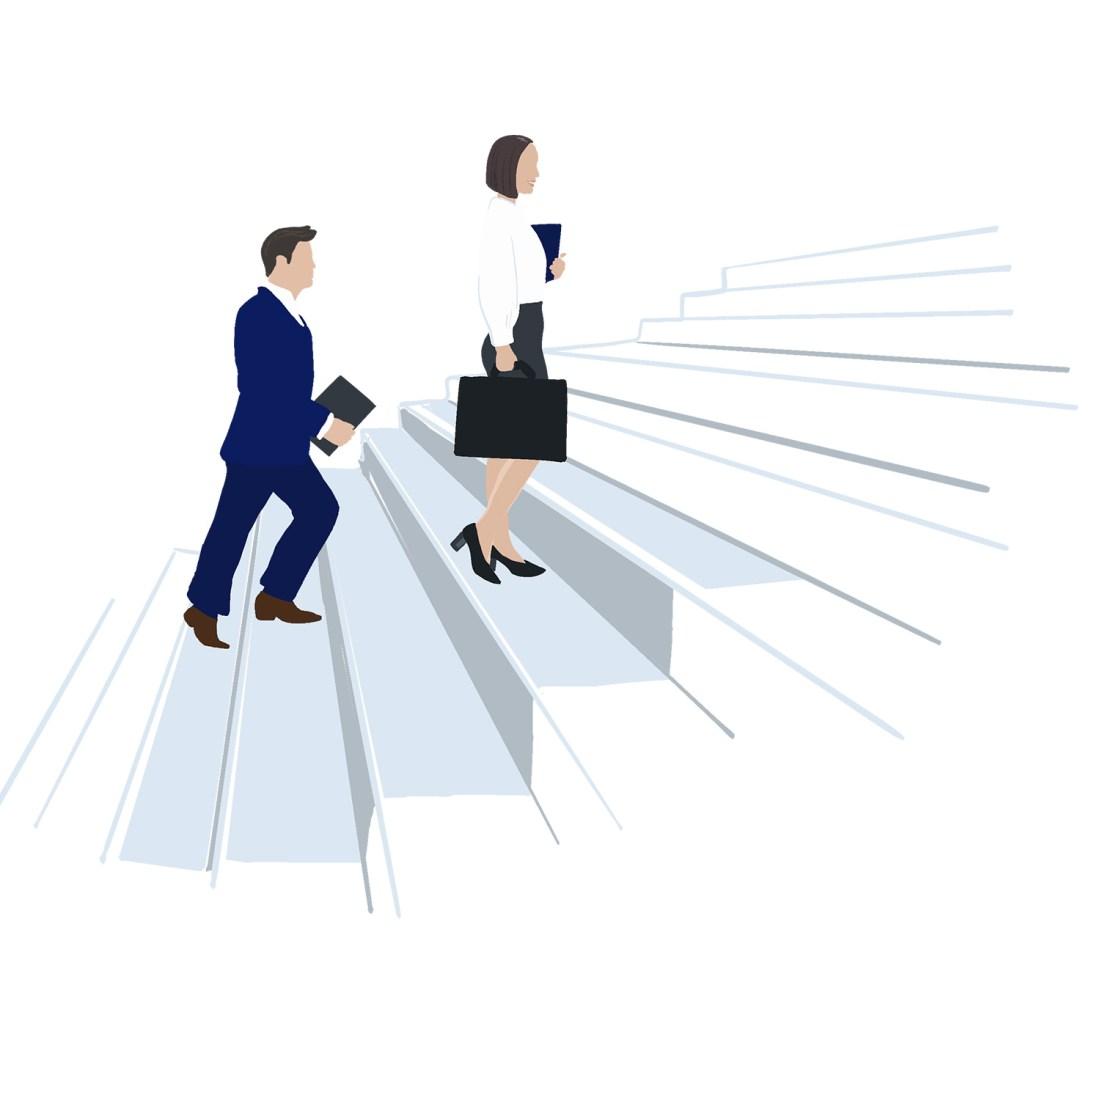 Führungskräfte steigen Treppe Entwicklung von Führungskräften